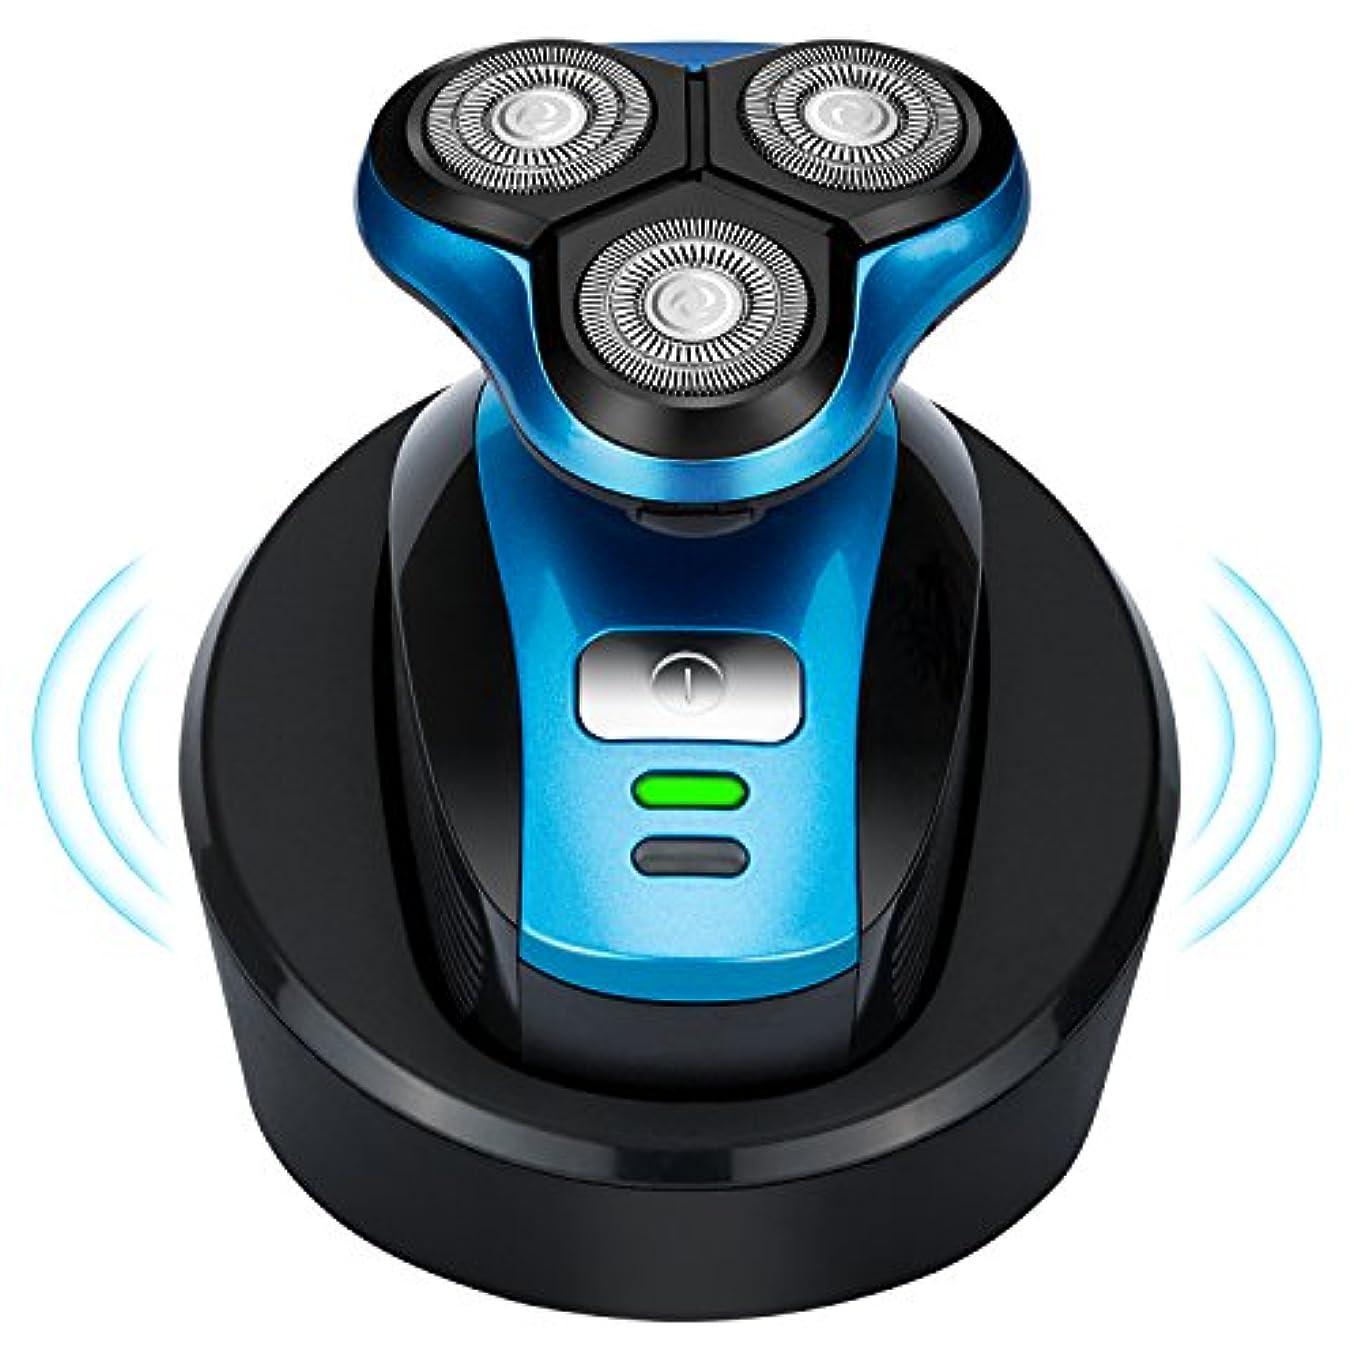 同行不合格貫通ワイヤレス 充電式 電気シェーバー メンズひげそり 自動研磨 ウェット&ドライ剃り IPX7防水 お風呂剃り可  ブルー